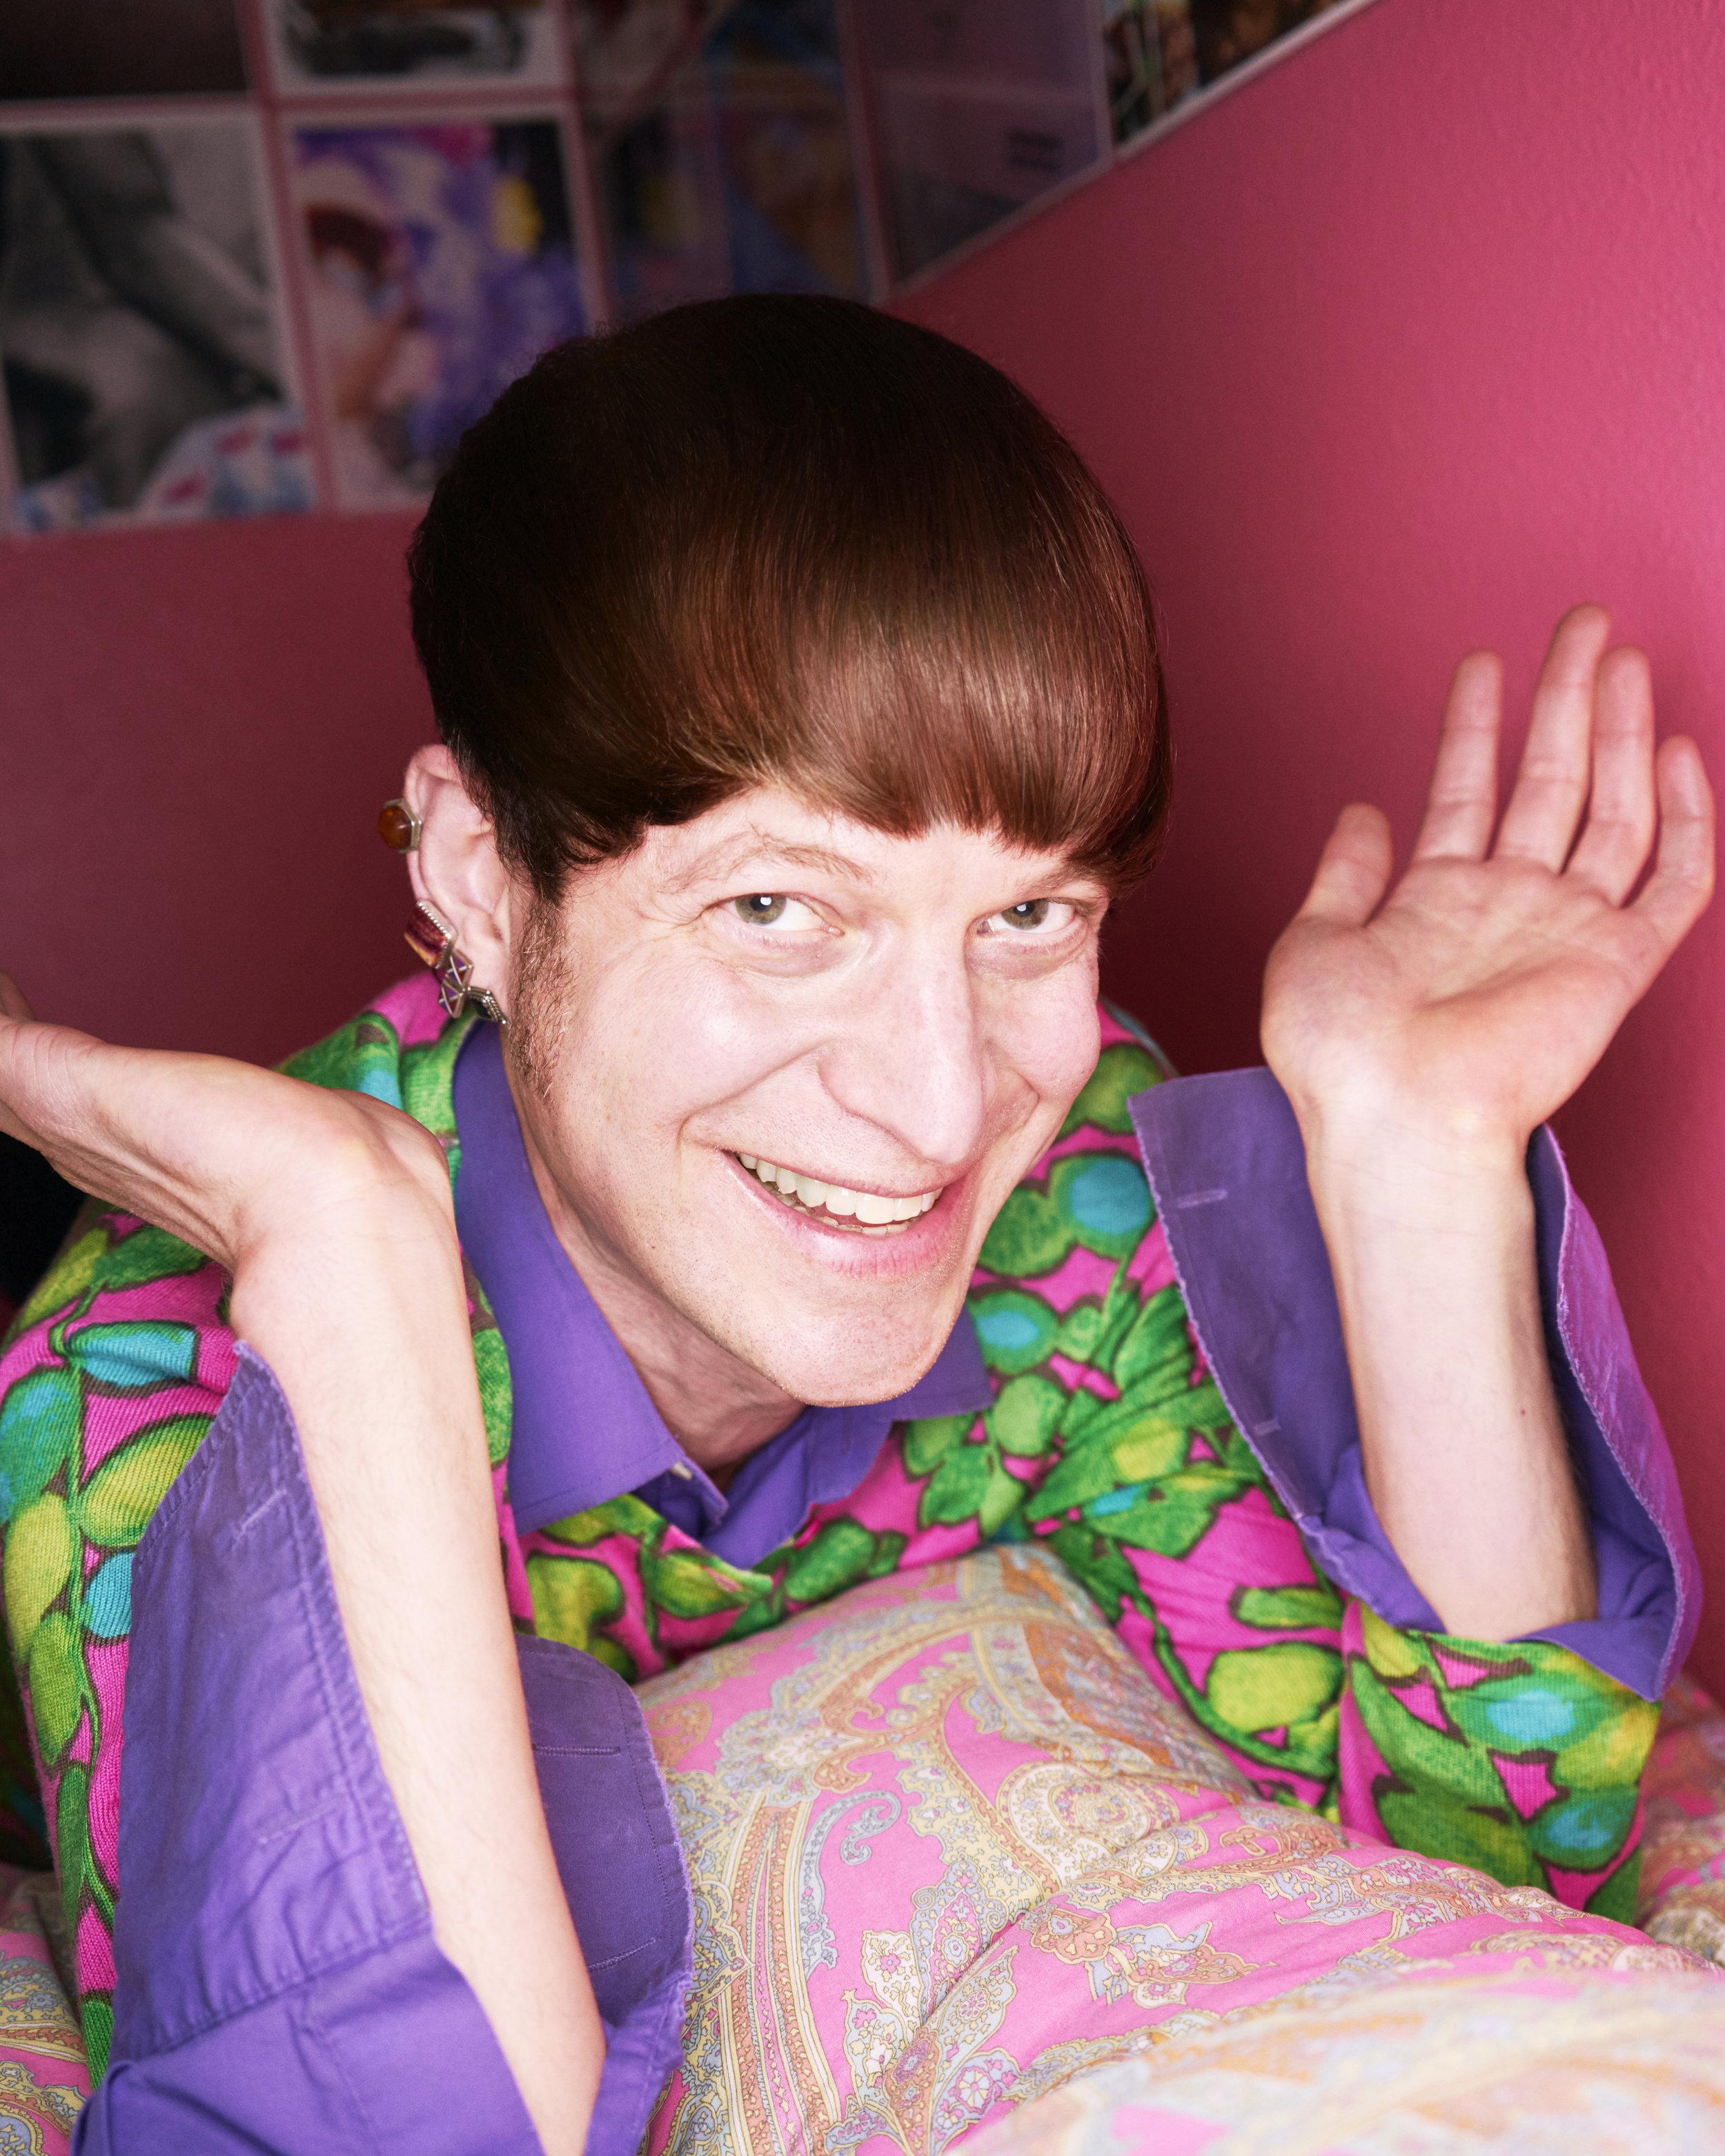 Photo of Mattilda Bernstein Sycamore by Jesse Mann, smiling in bed, 3-28-18.jpg